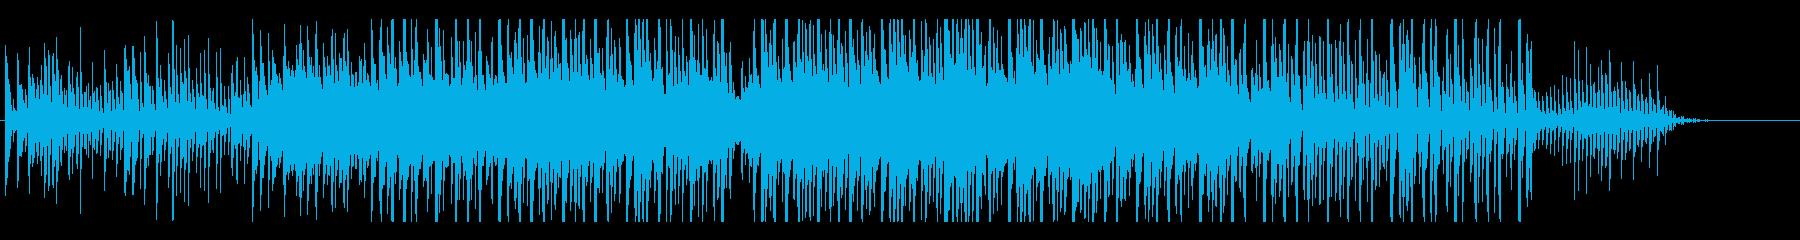 疾走感のあるオシャレなエレクトロニカの再生済みの波形